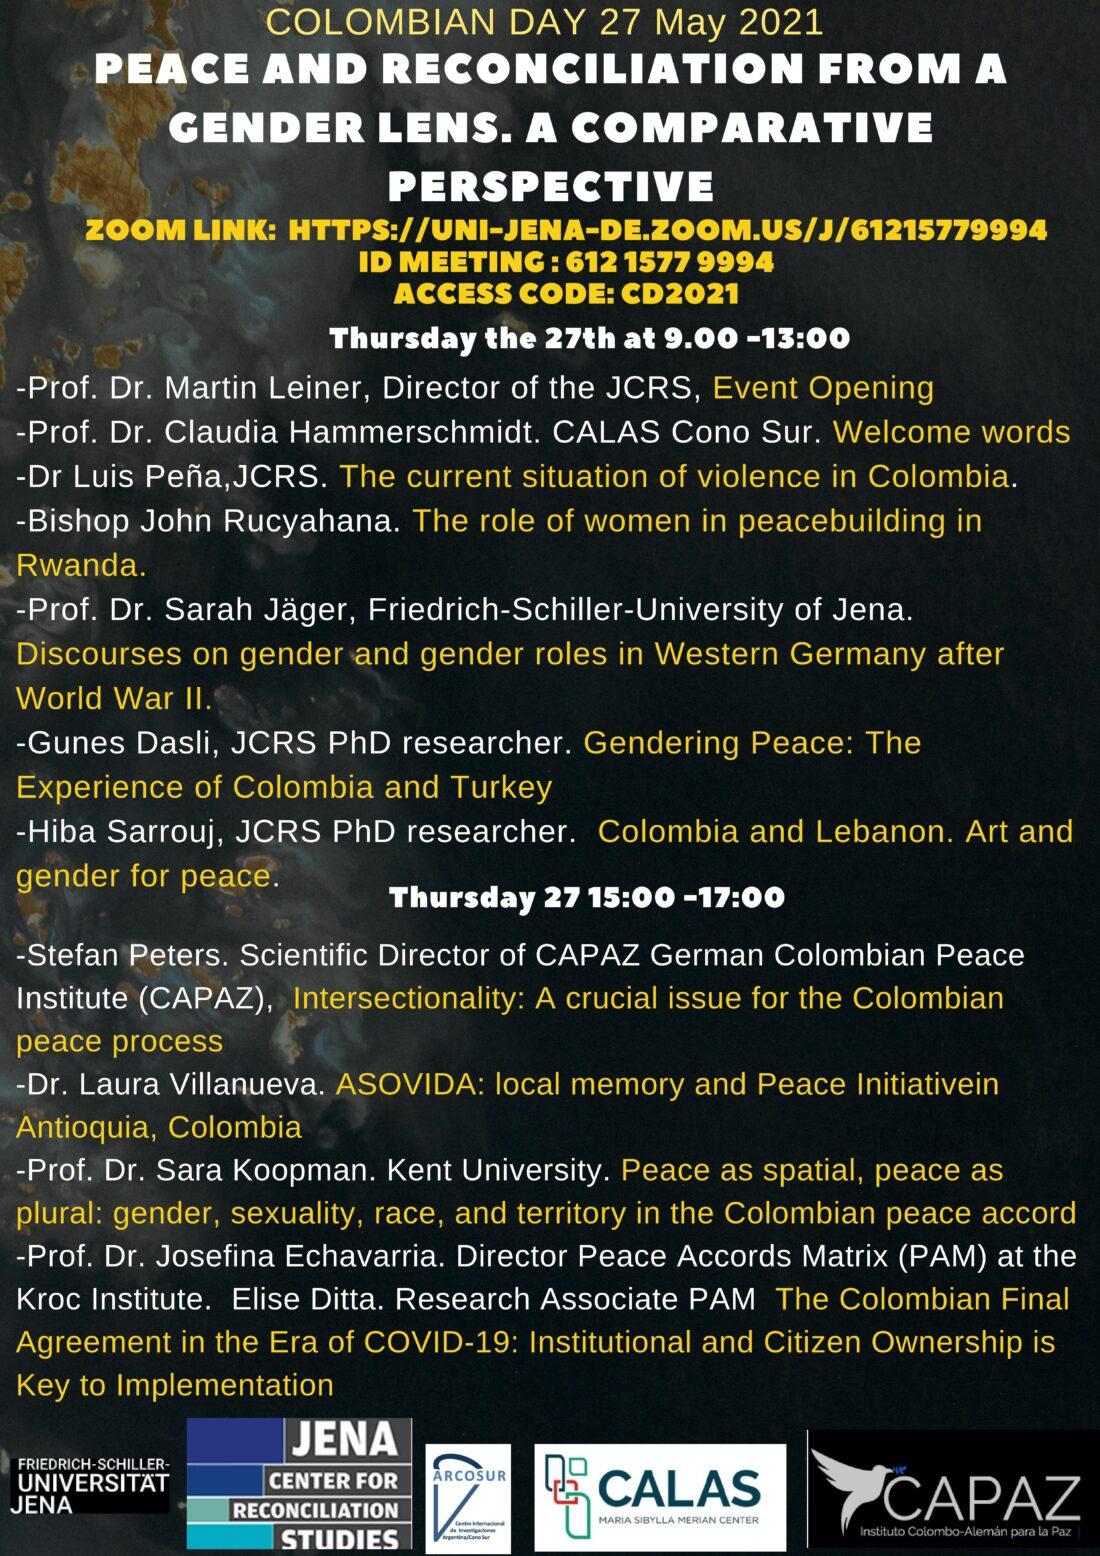 La Universidad de Jena en Alemania realiza cada año las jornadas académicas Día de Colombia.